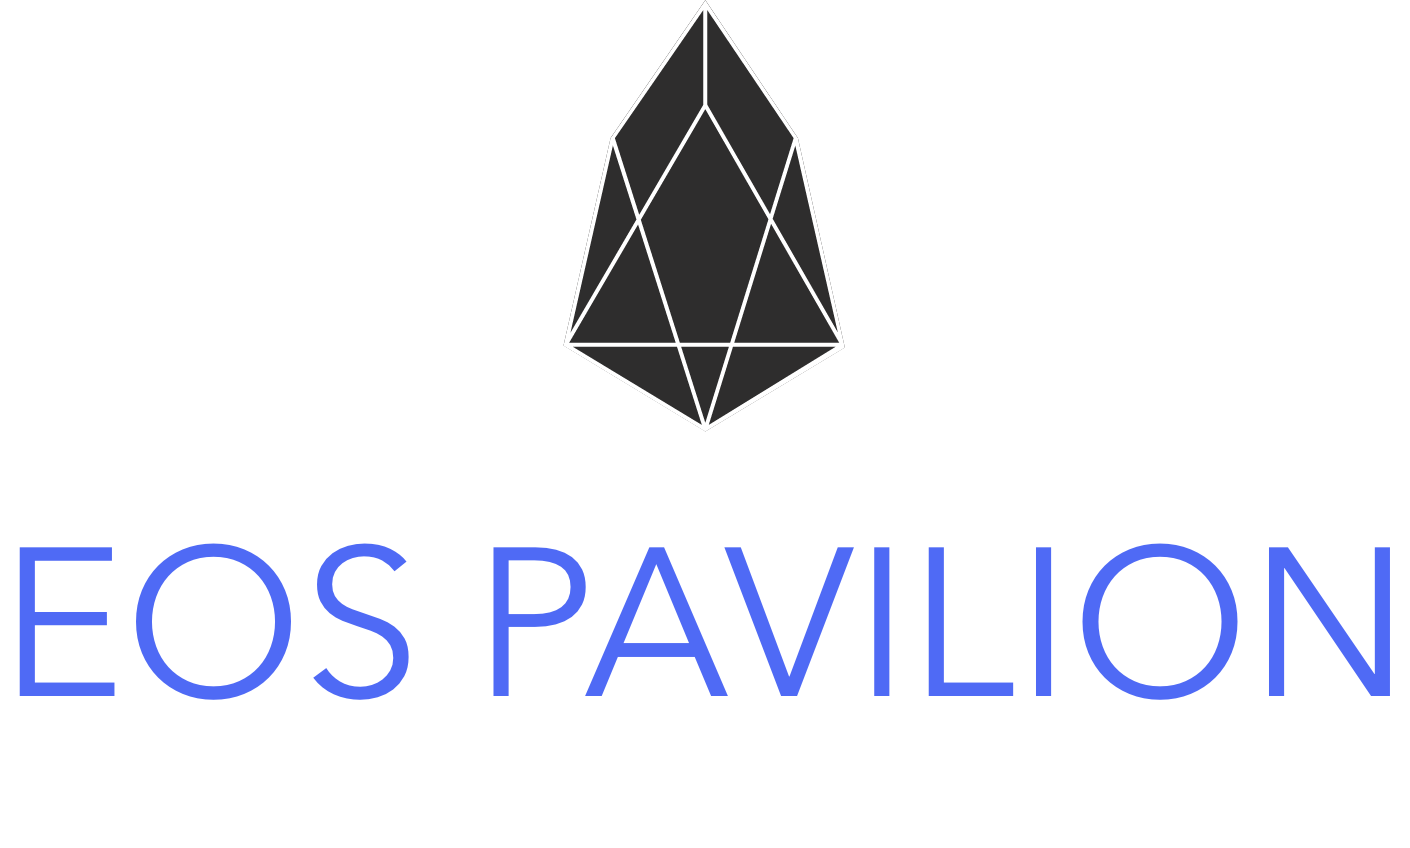 EOS_Pavilion_Logo@2x.png